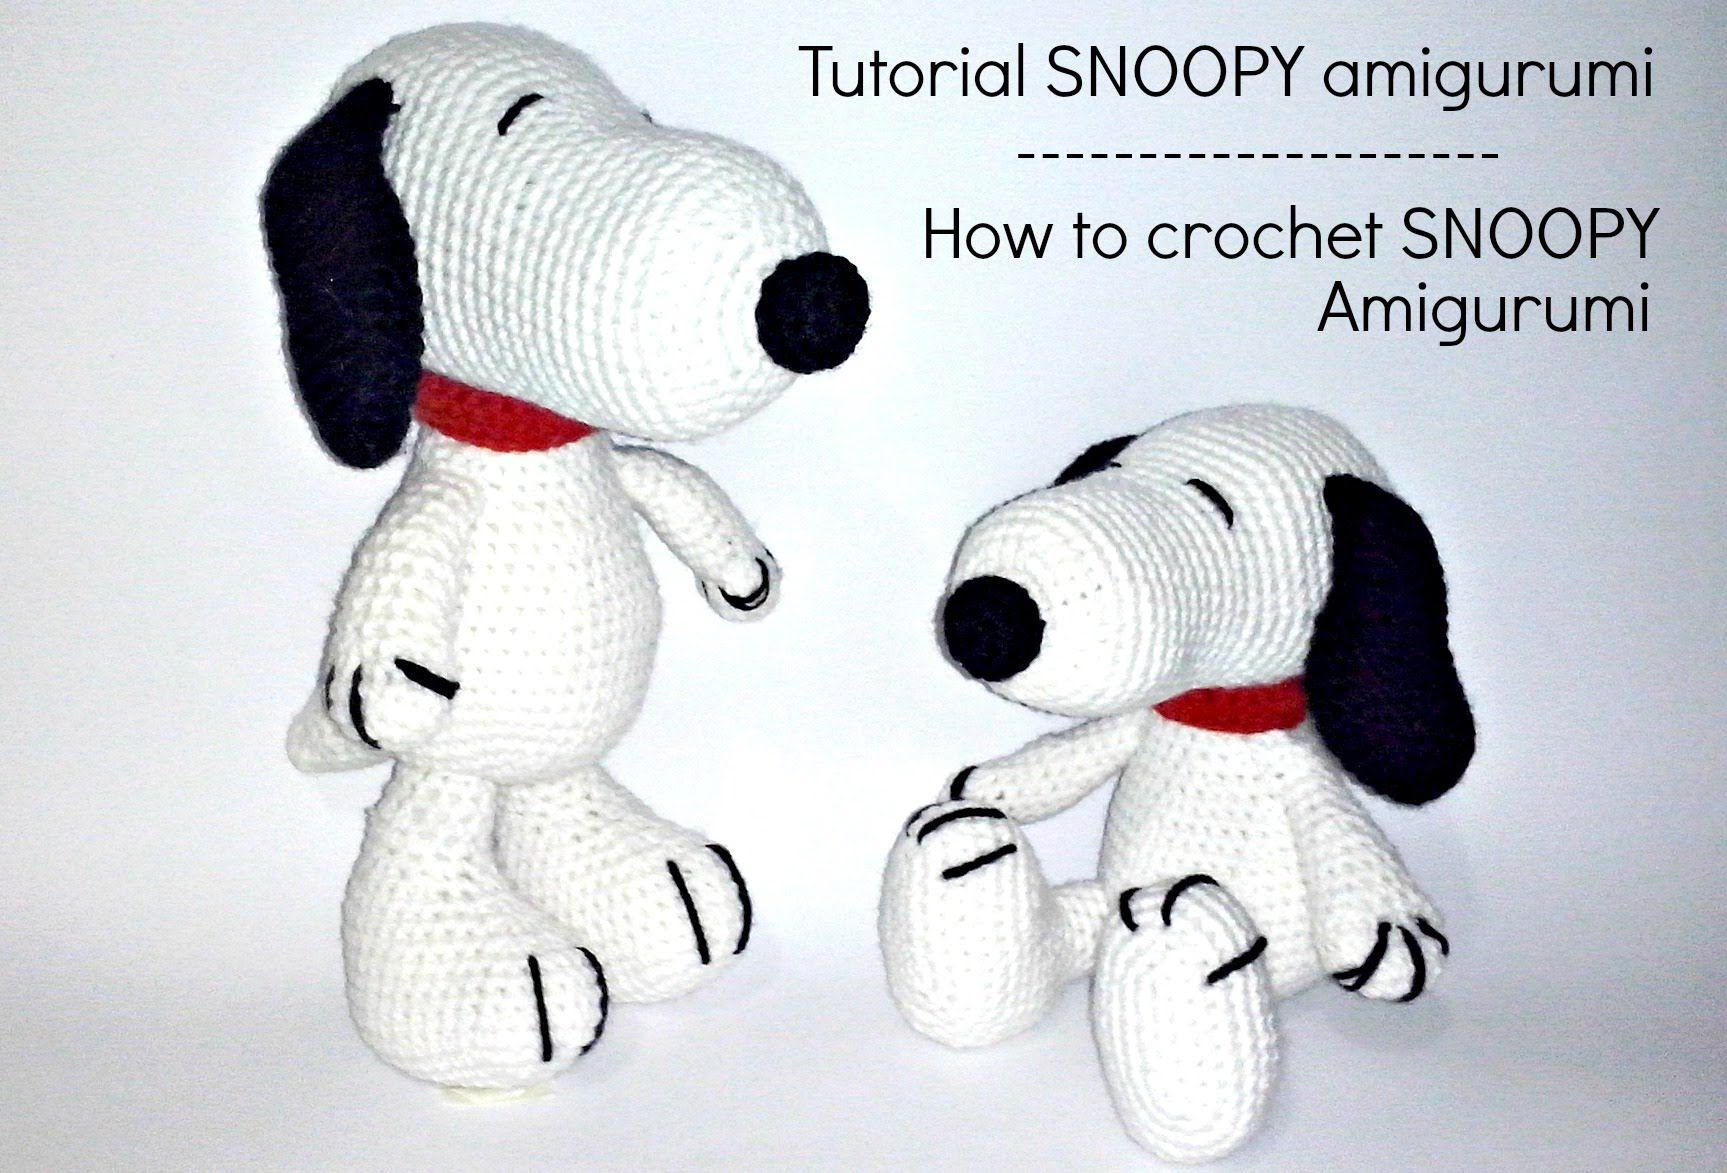 Tutorial Snoopy Amigurumi   How to crochet SNOOPY amigurumi   Hračky ...